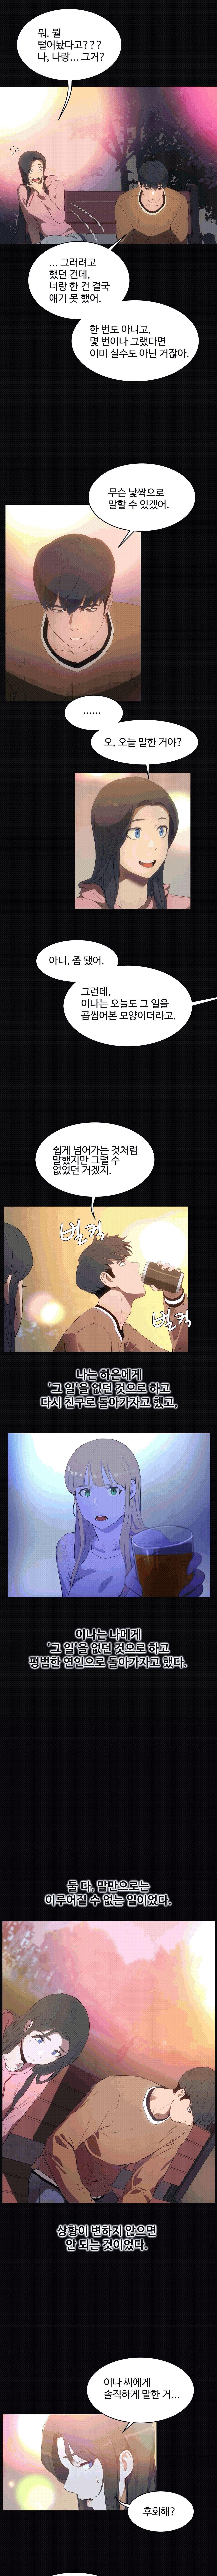 性教育 1-48.5 中文翻译(完結) 356